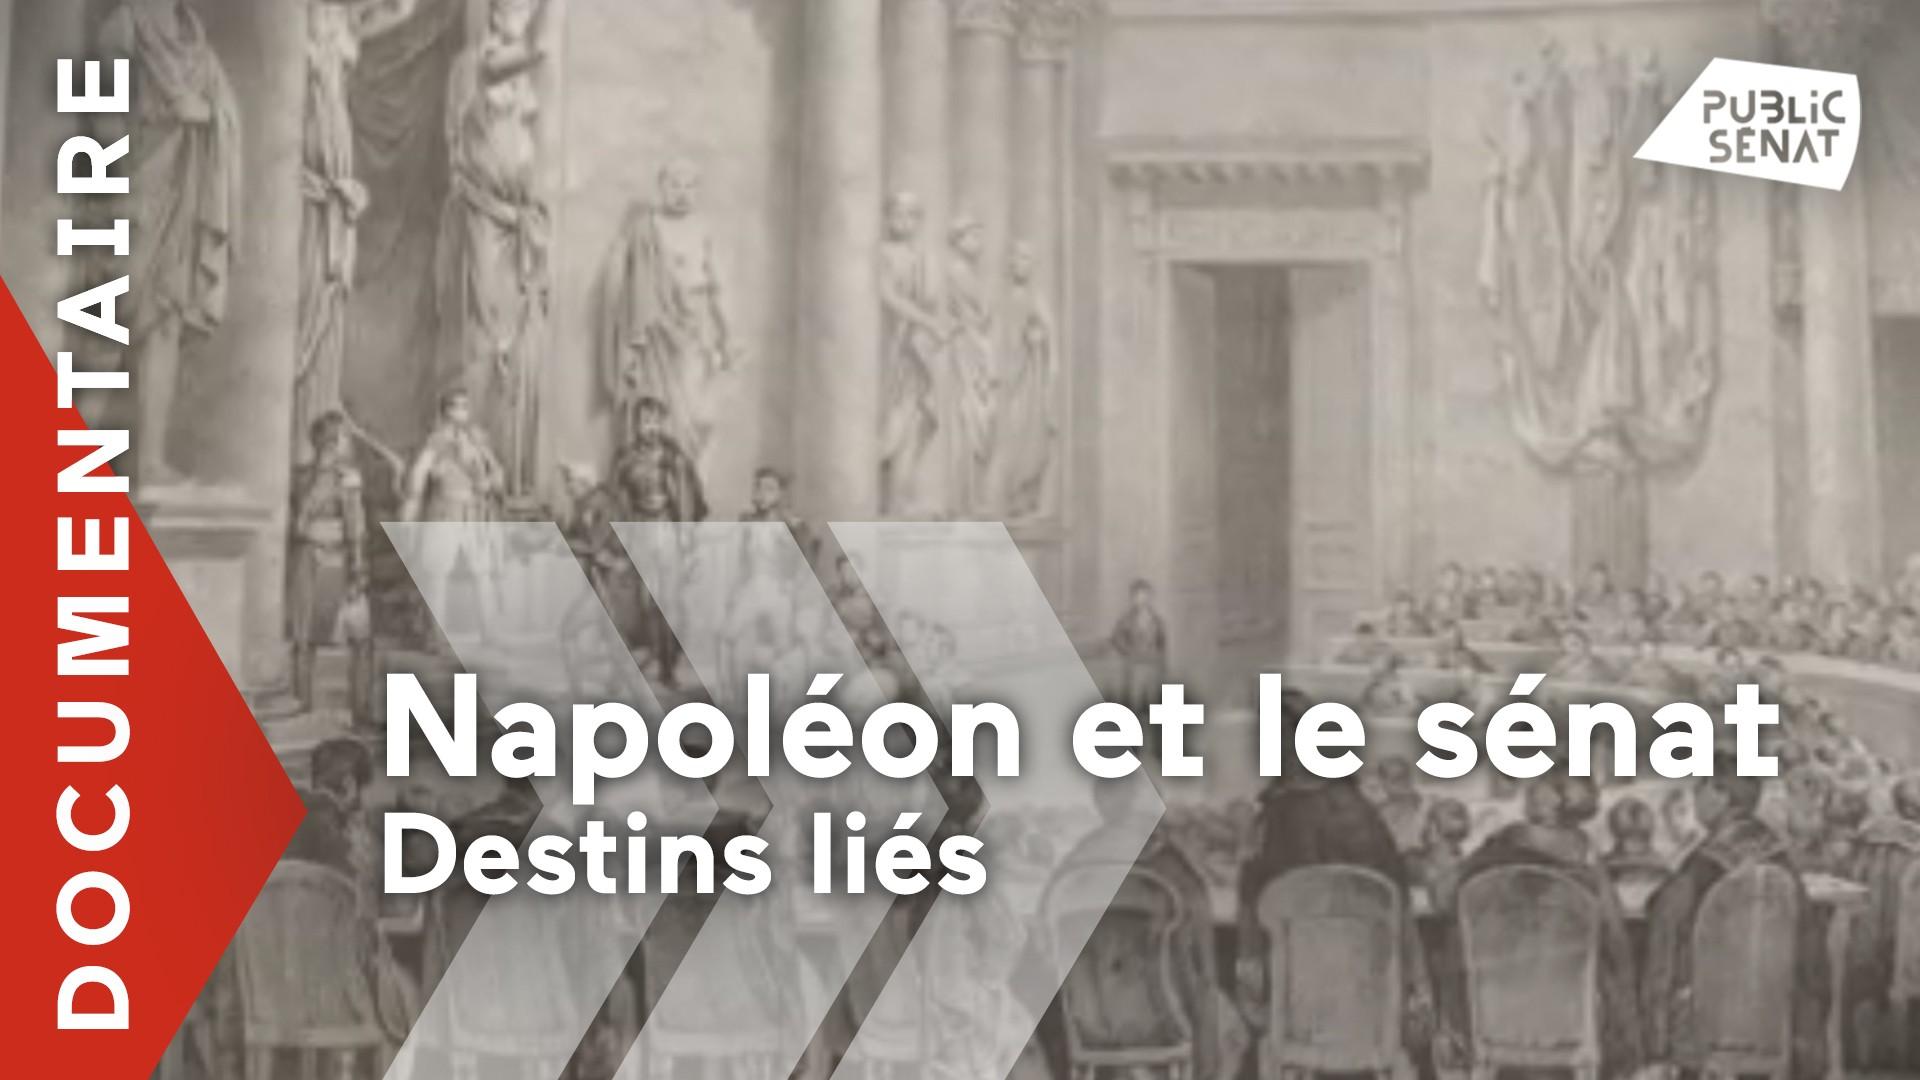 Napoléon et le Sénat, destins liés